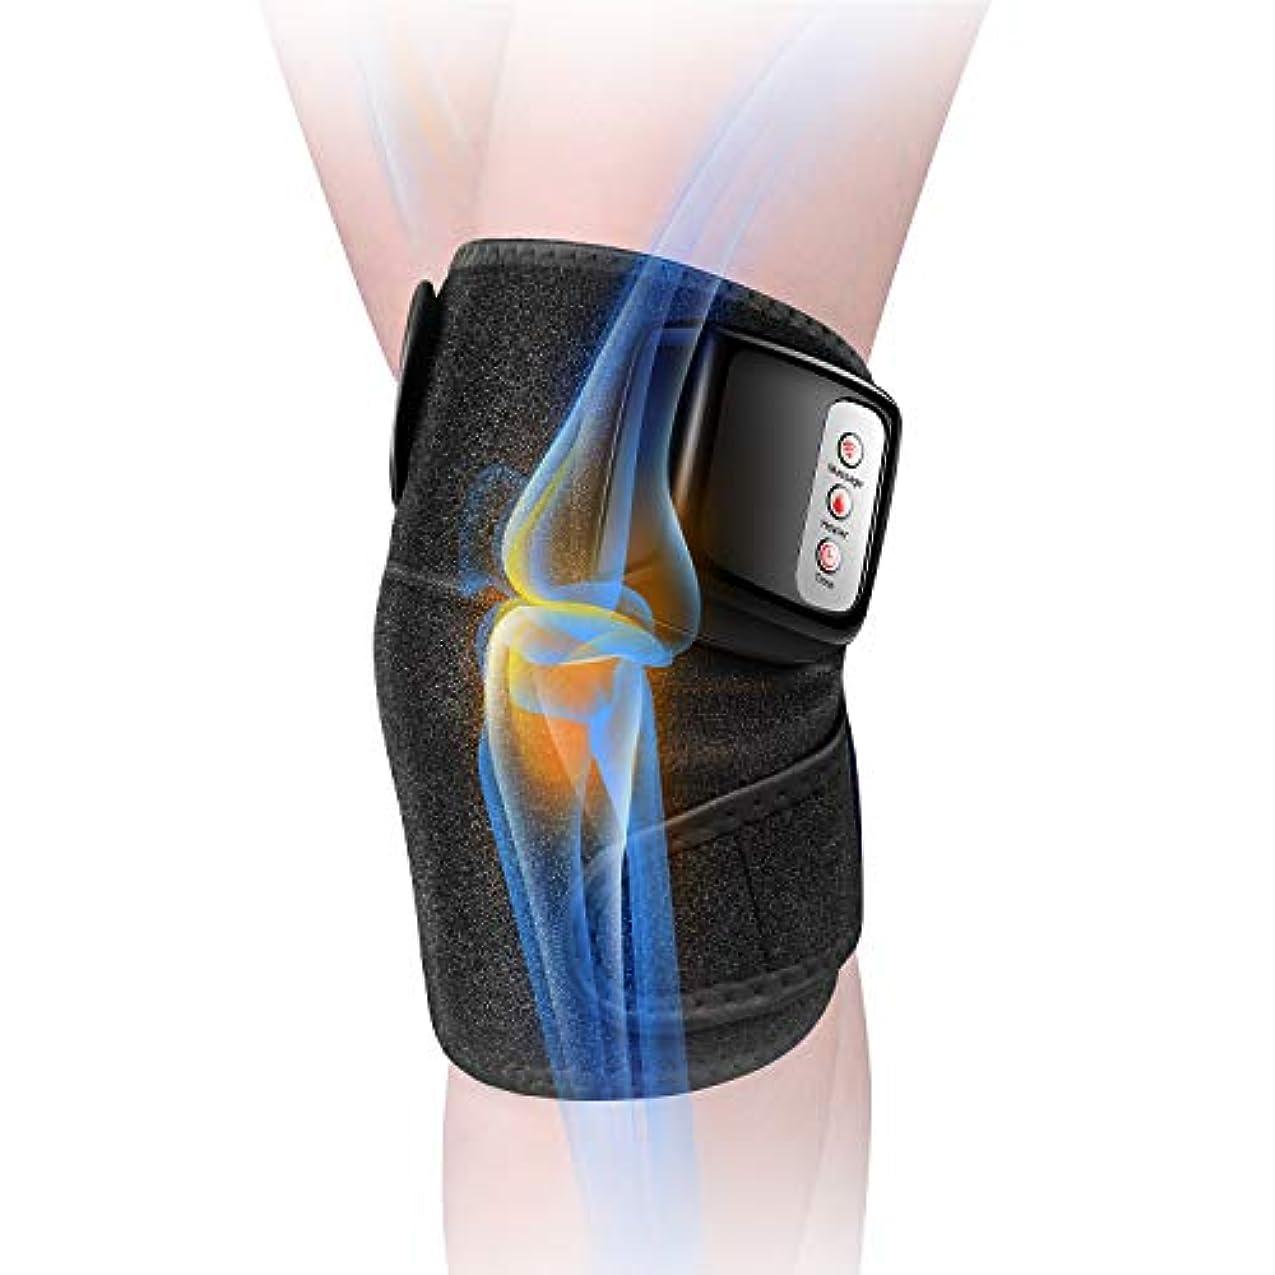 アレルギー教科書統治する膝マッサージャー 関節マッサージャー マッサージ器 フットマッサージャー 振動 赤外線療法 温熱療法 膝サポーター ストレス解消 肩 太もも/腕対応